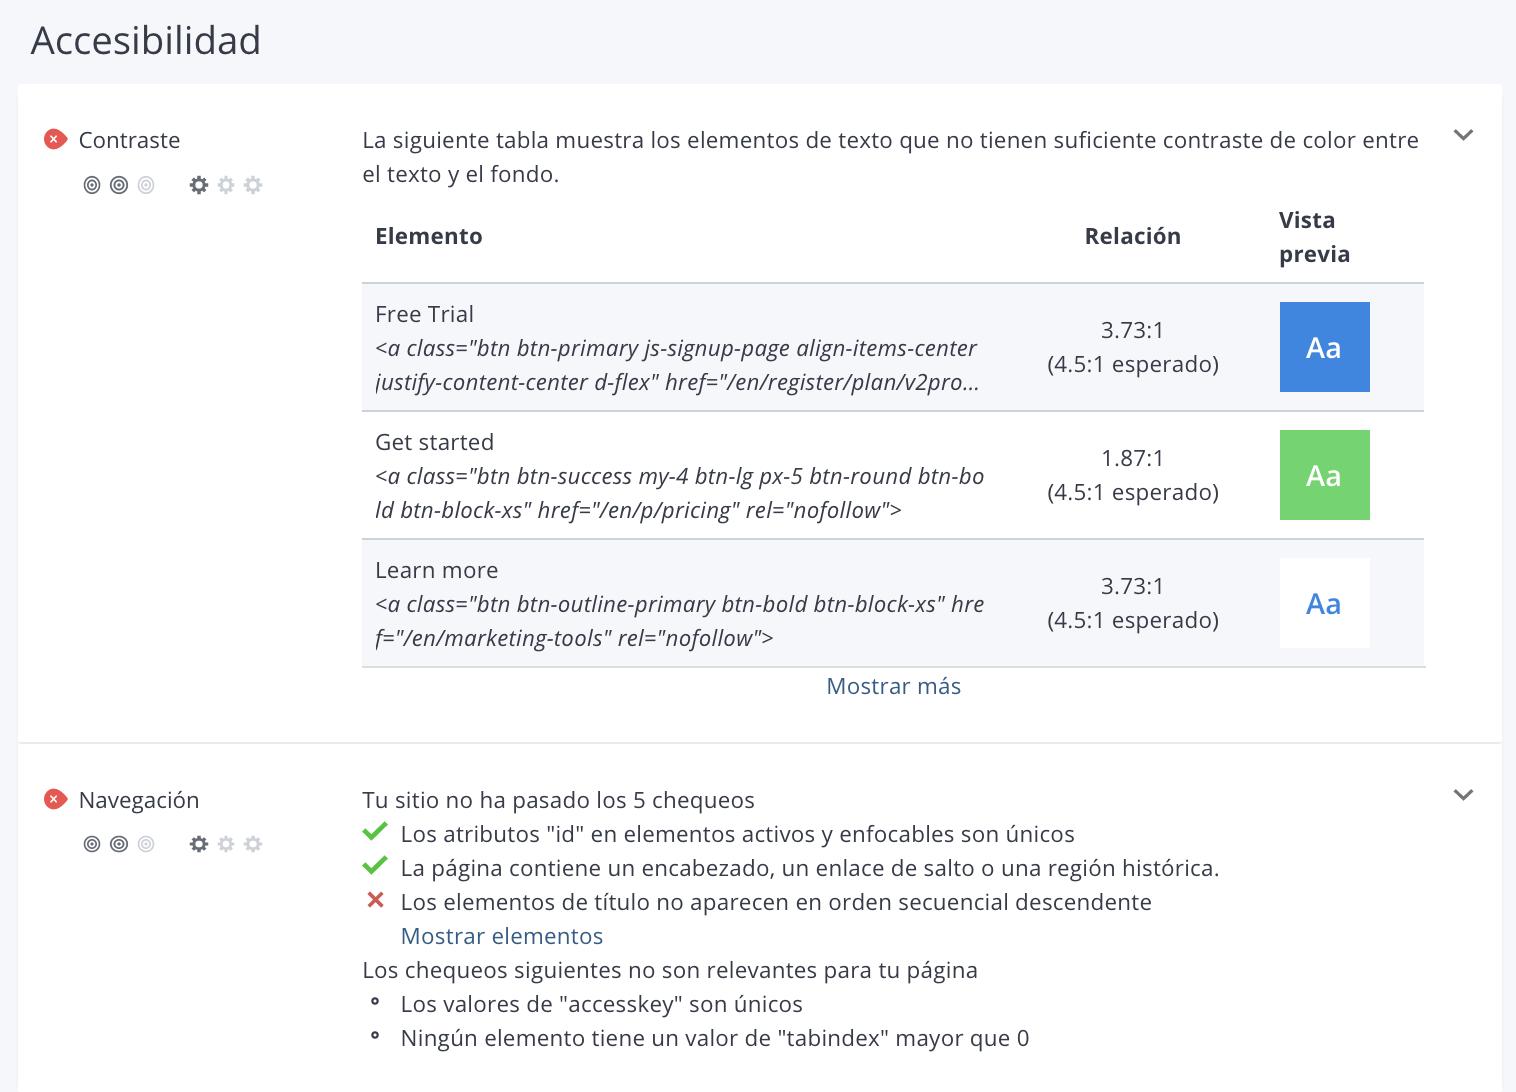 Sección de accesibilidad de WooRank en revisiones de sitios web